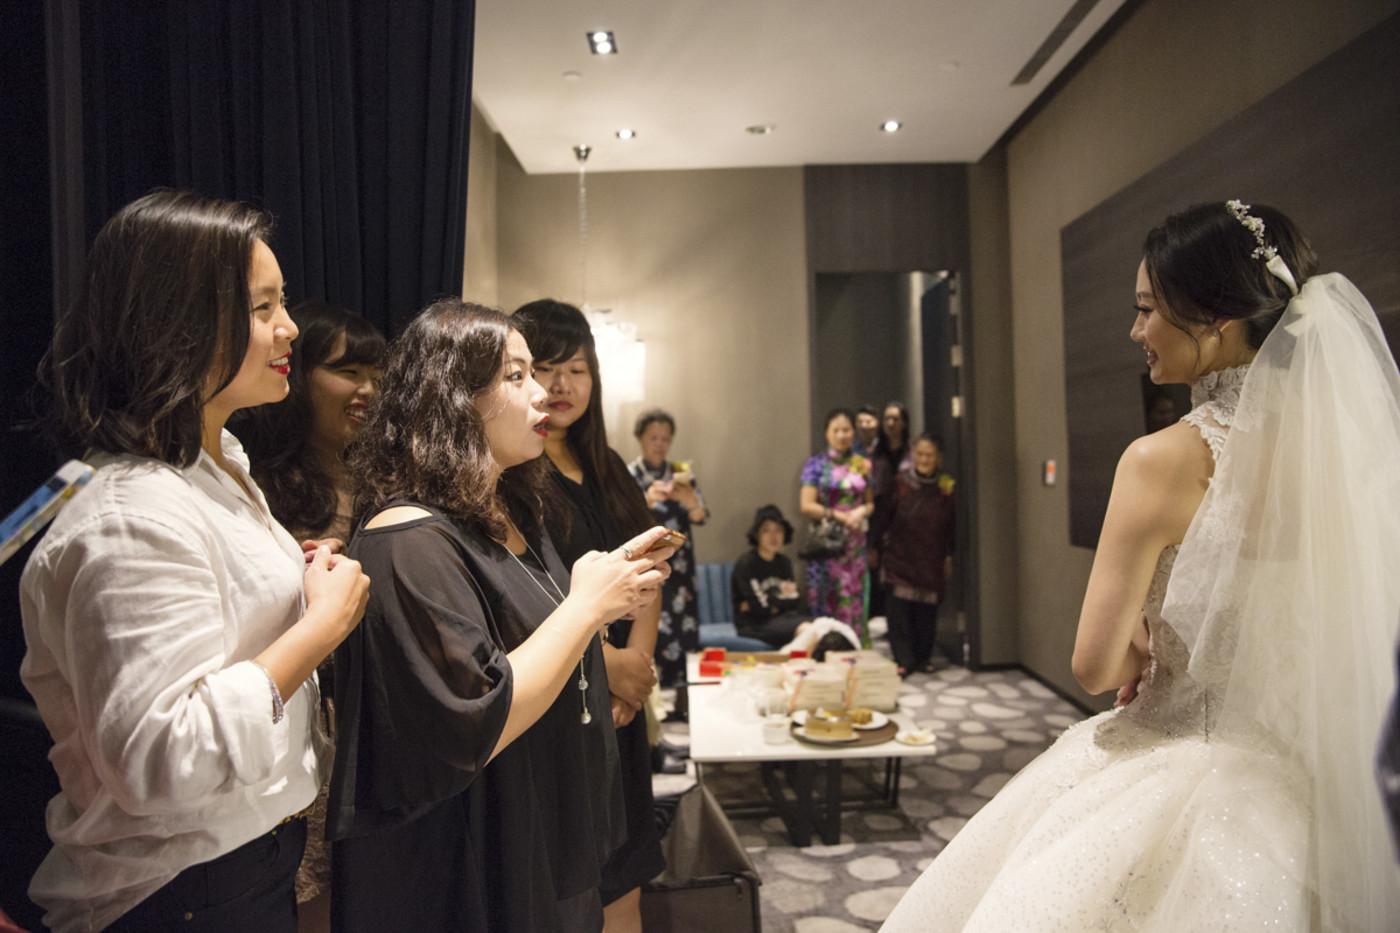 「KAI 婚礼纪实」一场来自宝岛台湾的婚礼23